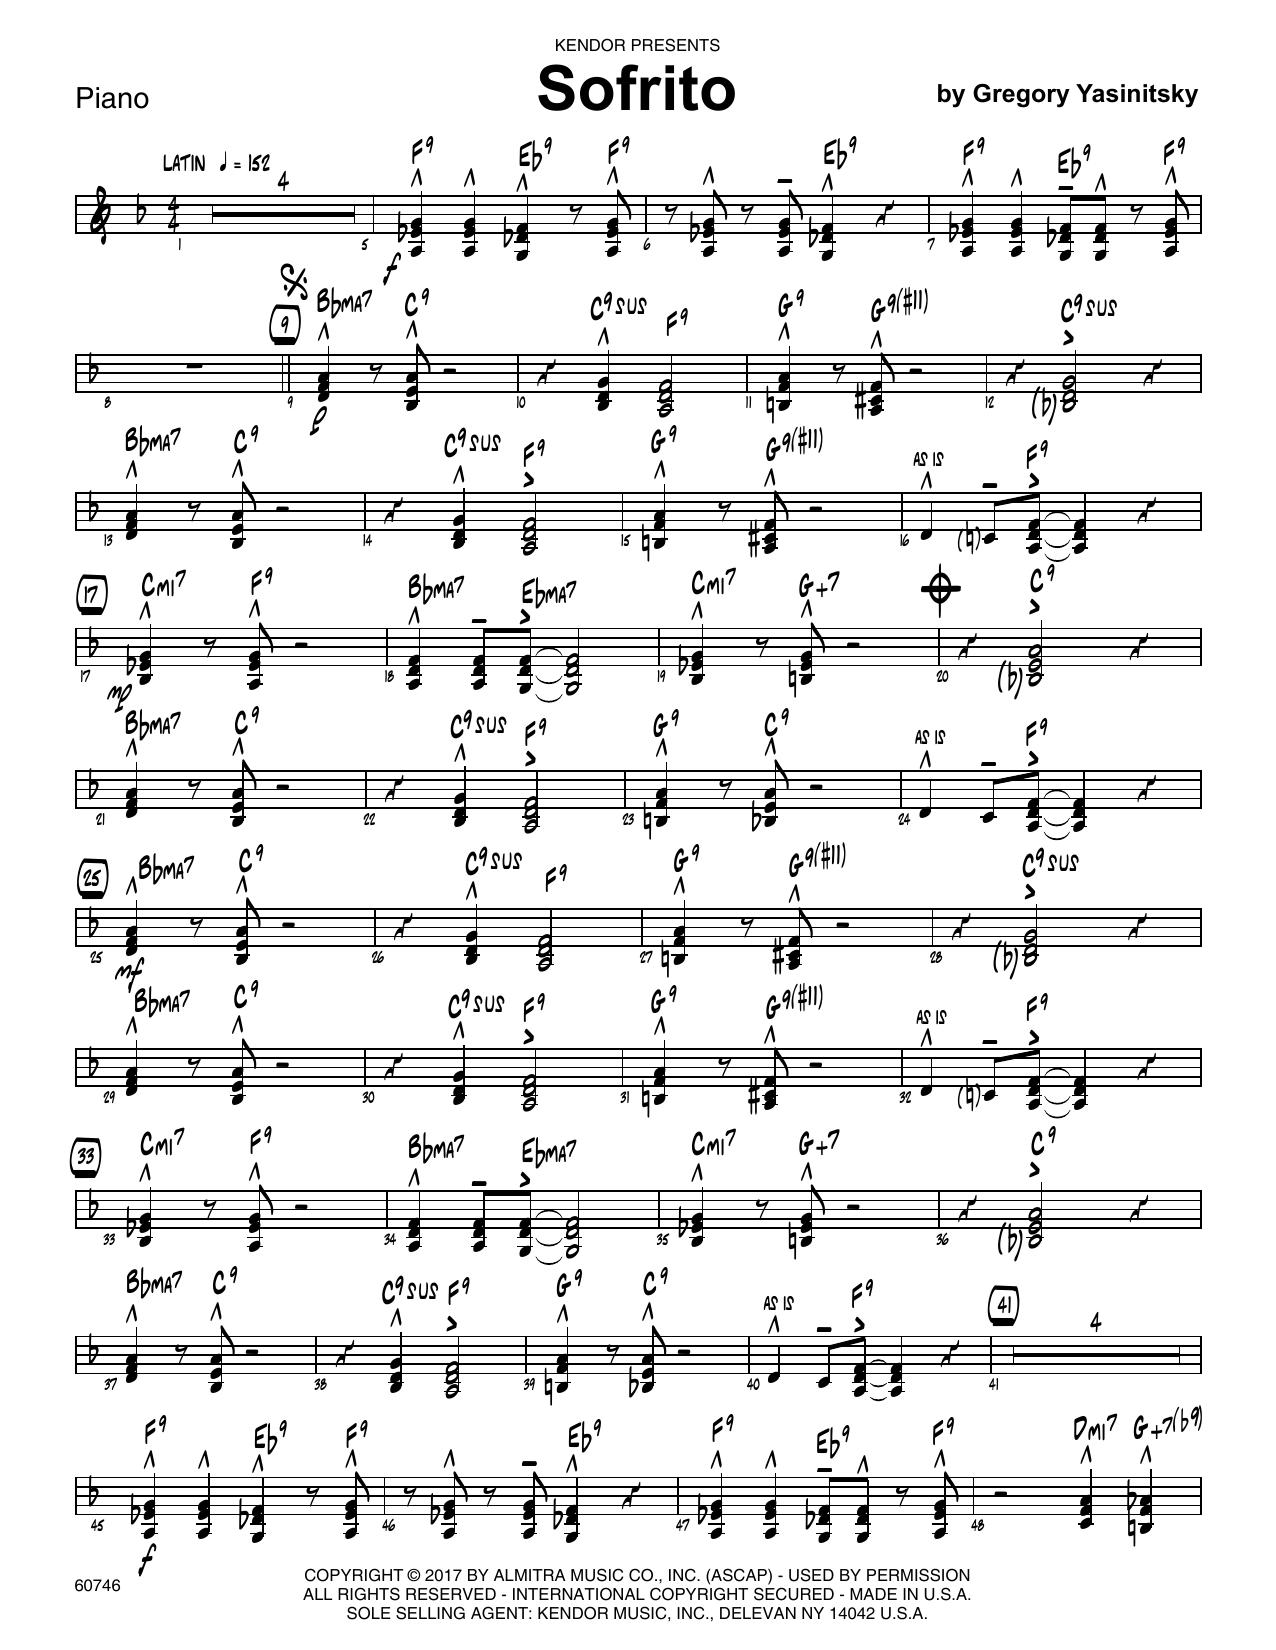 Sofrito - Piano Sheet Music